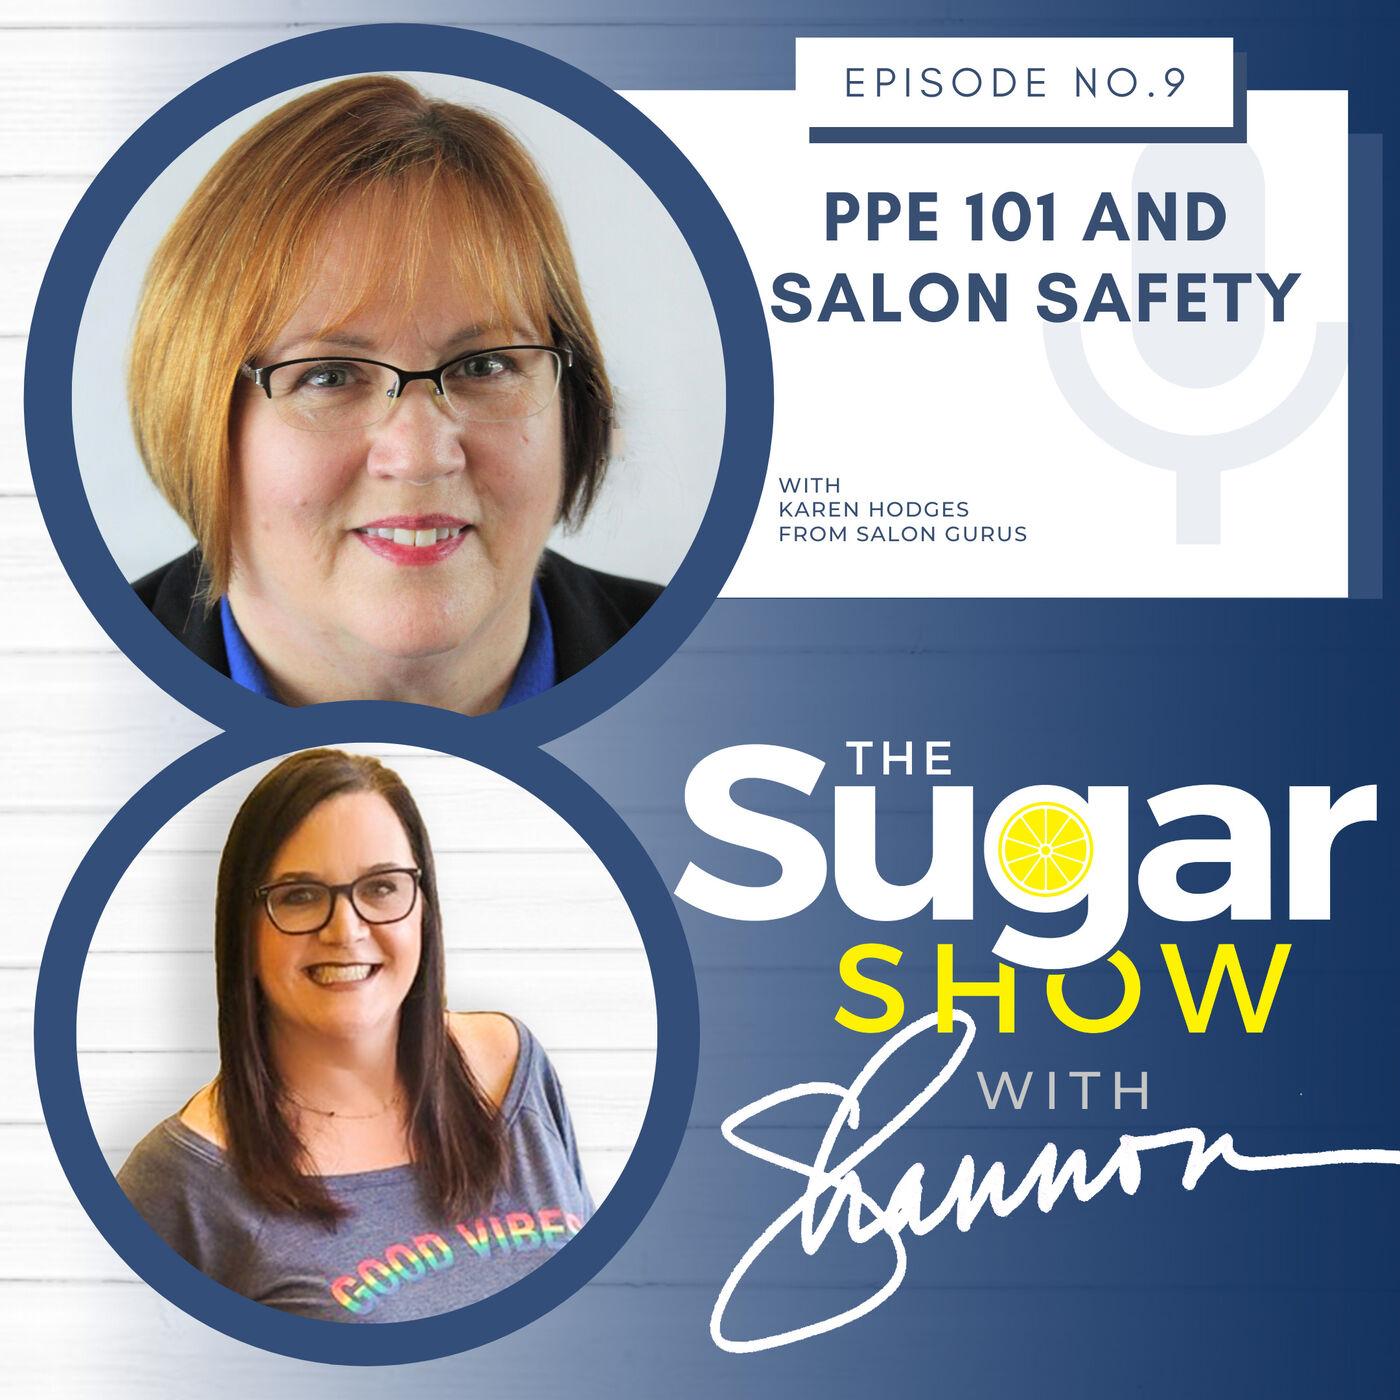 The SugarShow S2E9: Do You Know How to Properly Use PPE? w Karen Hodges, Salon-Gurus.com